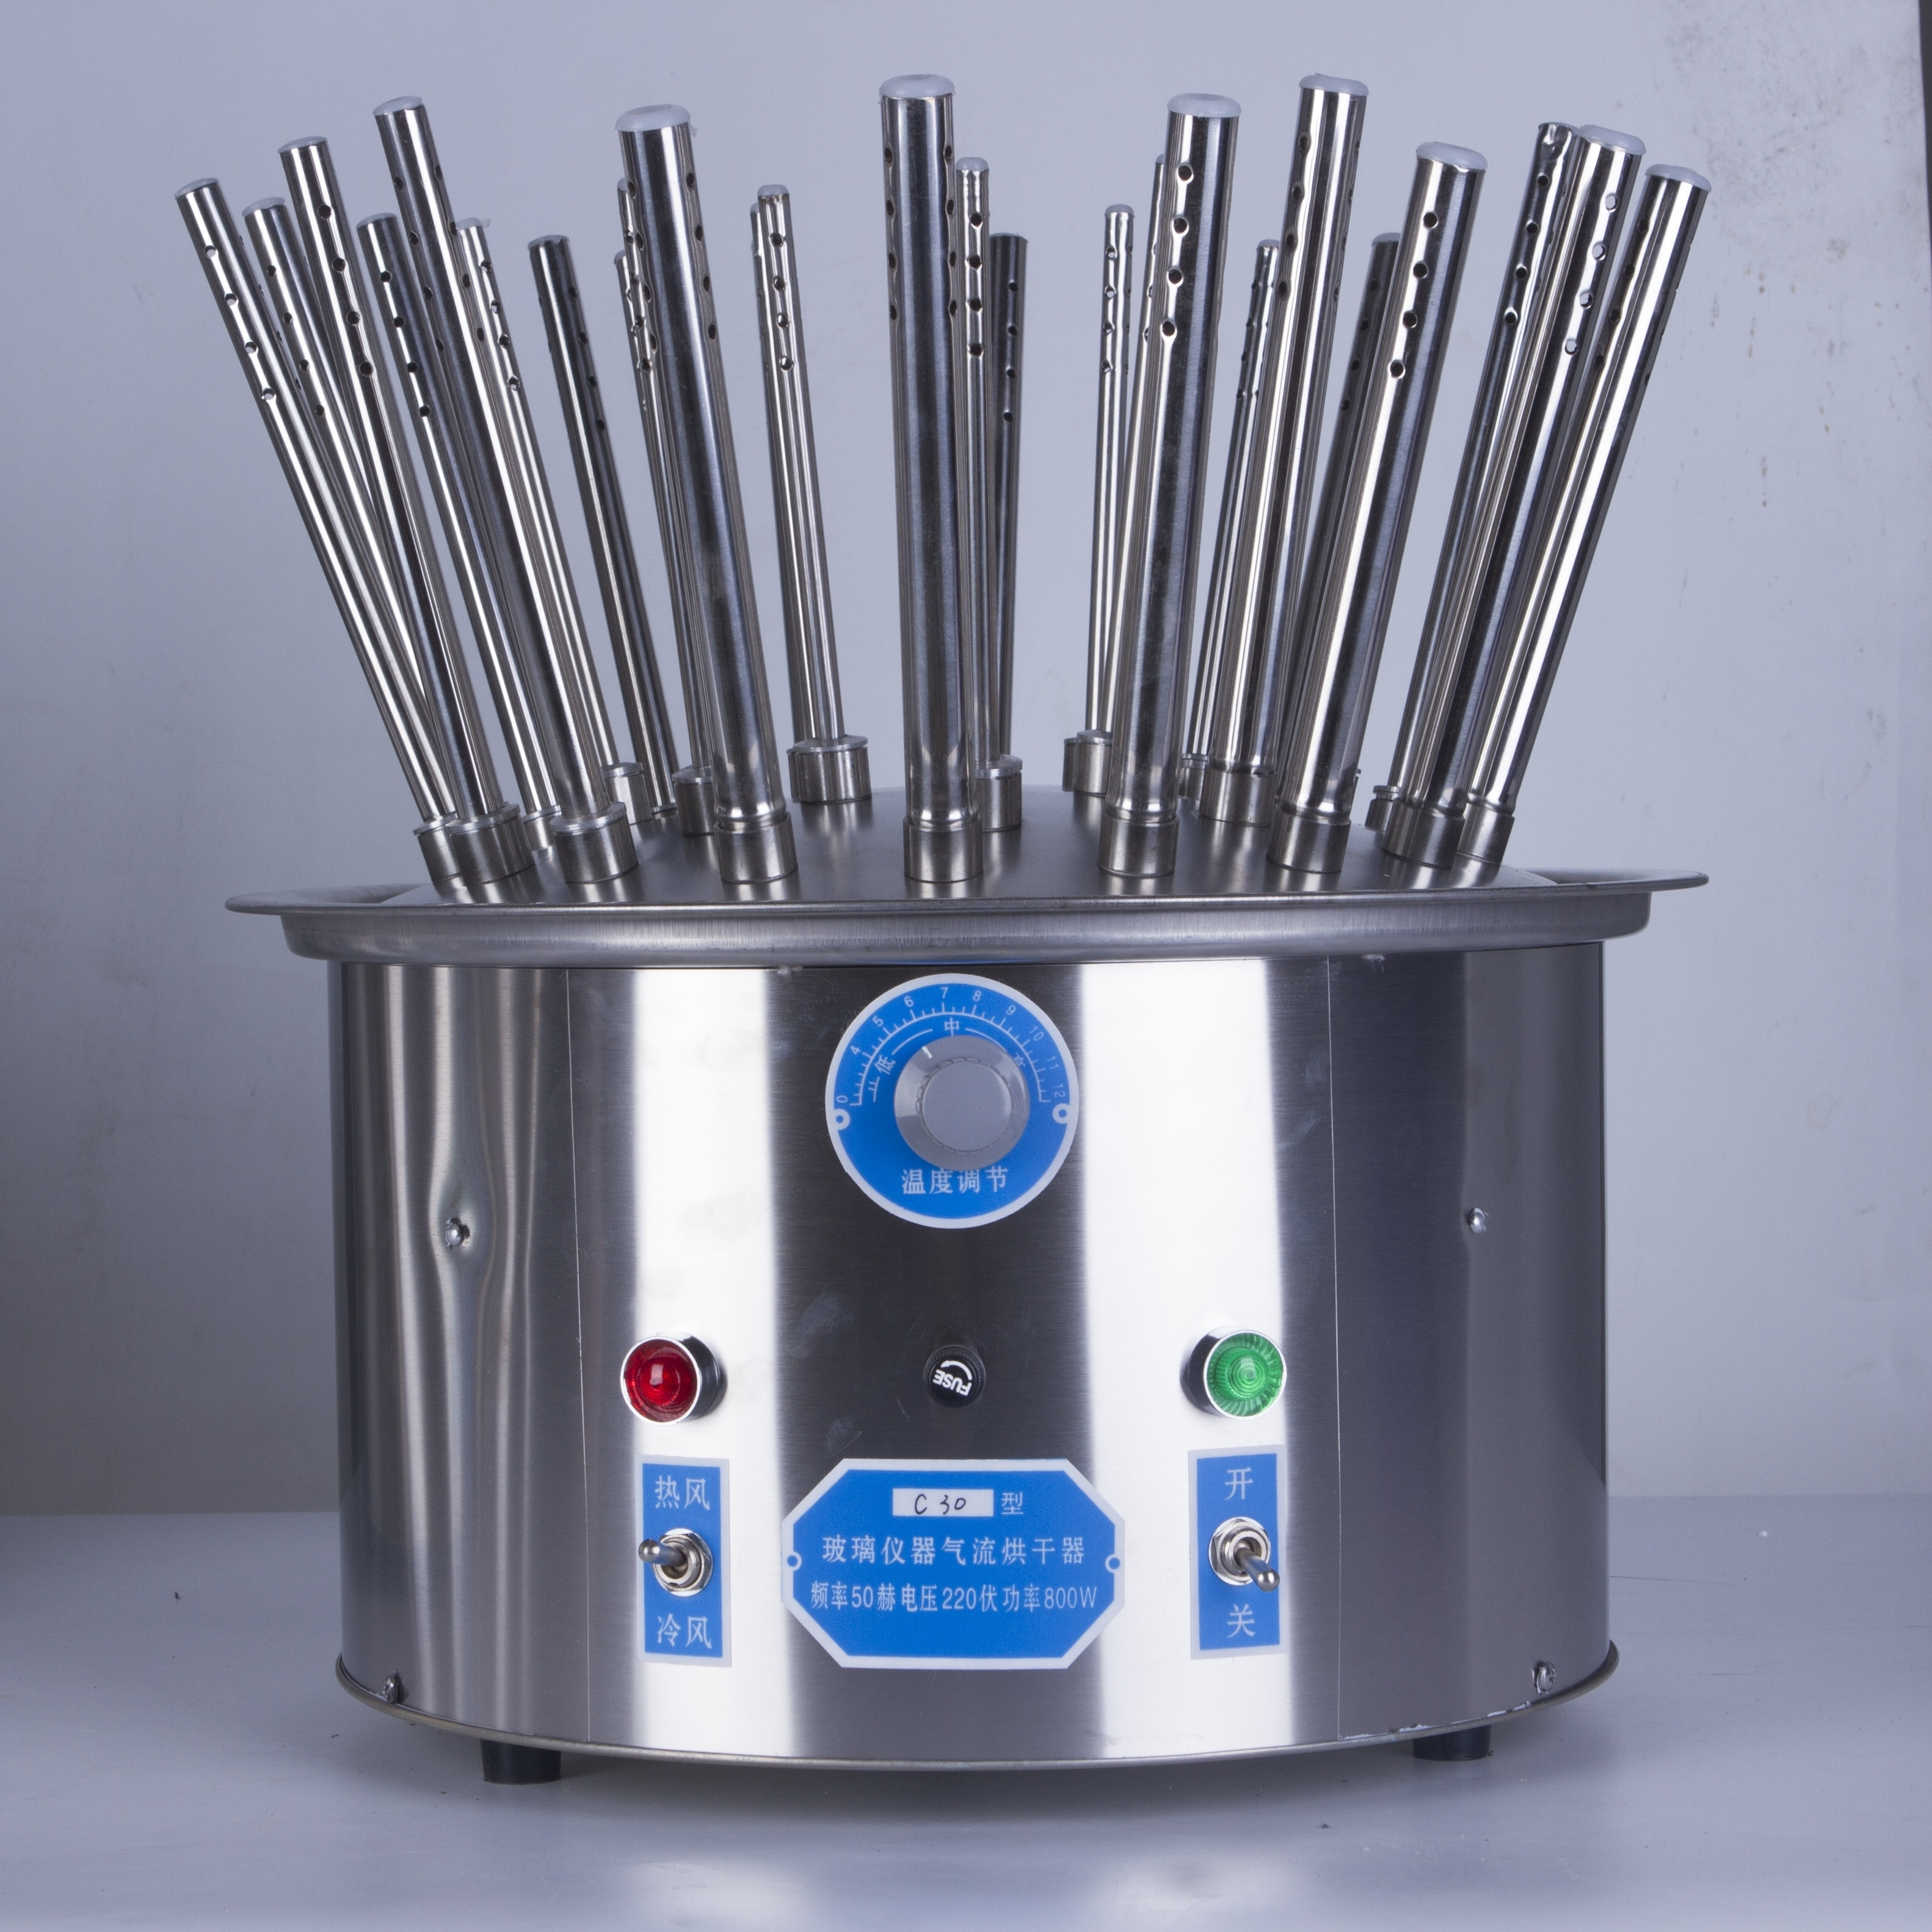 秋佐科技 玻璃仪器气流烘干器-30孔